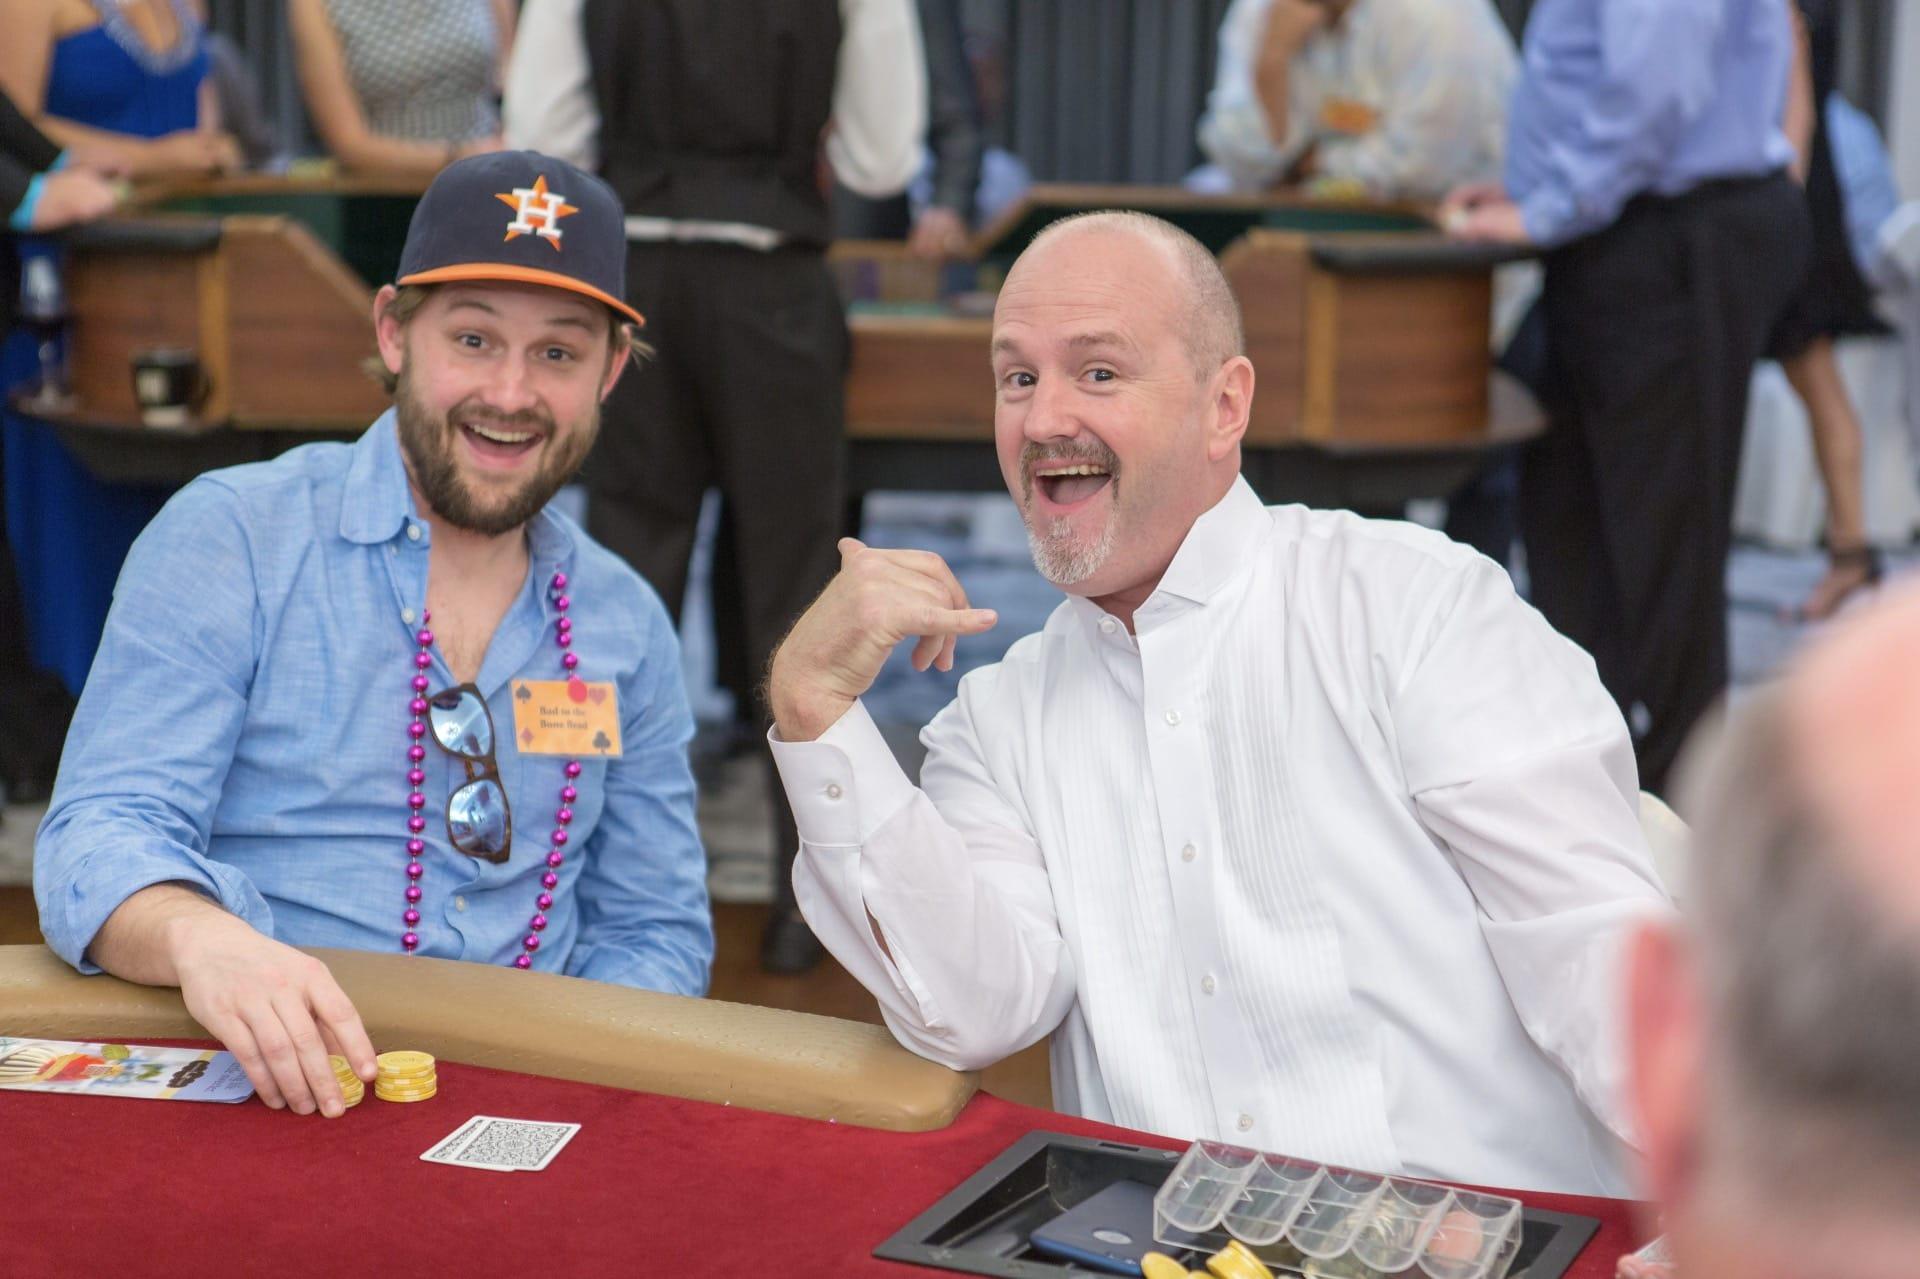 Charity Poker Tournament Houston 2019